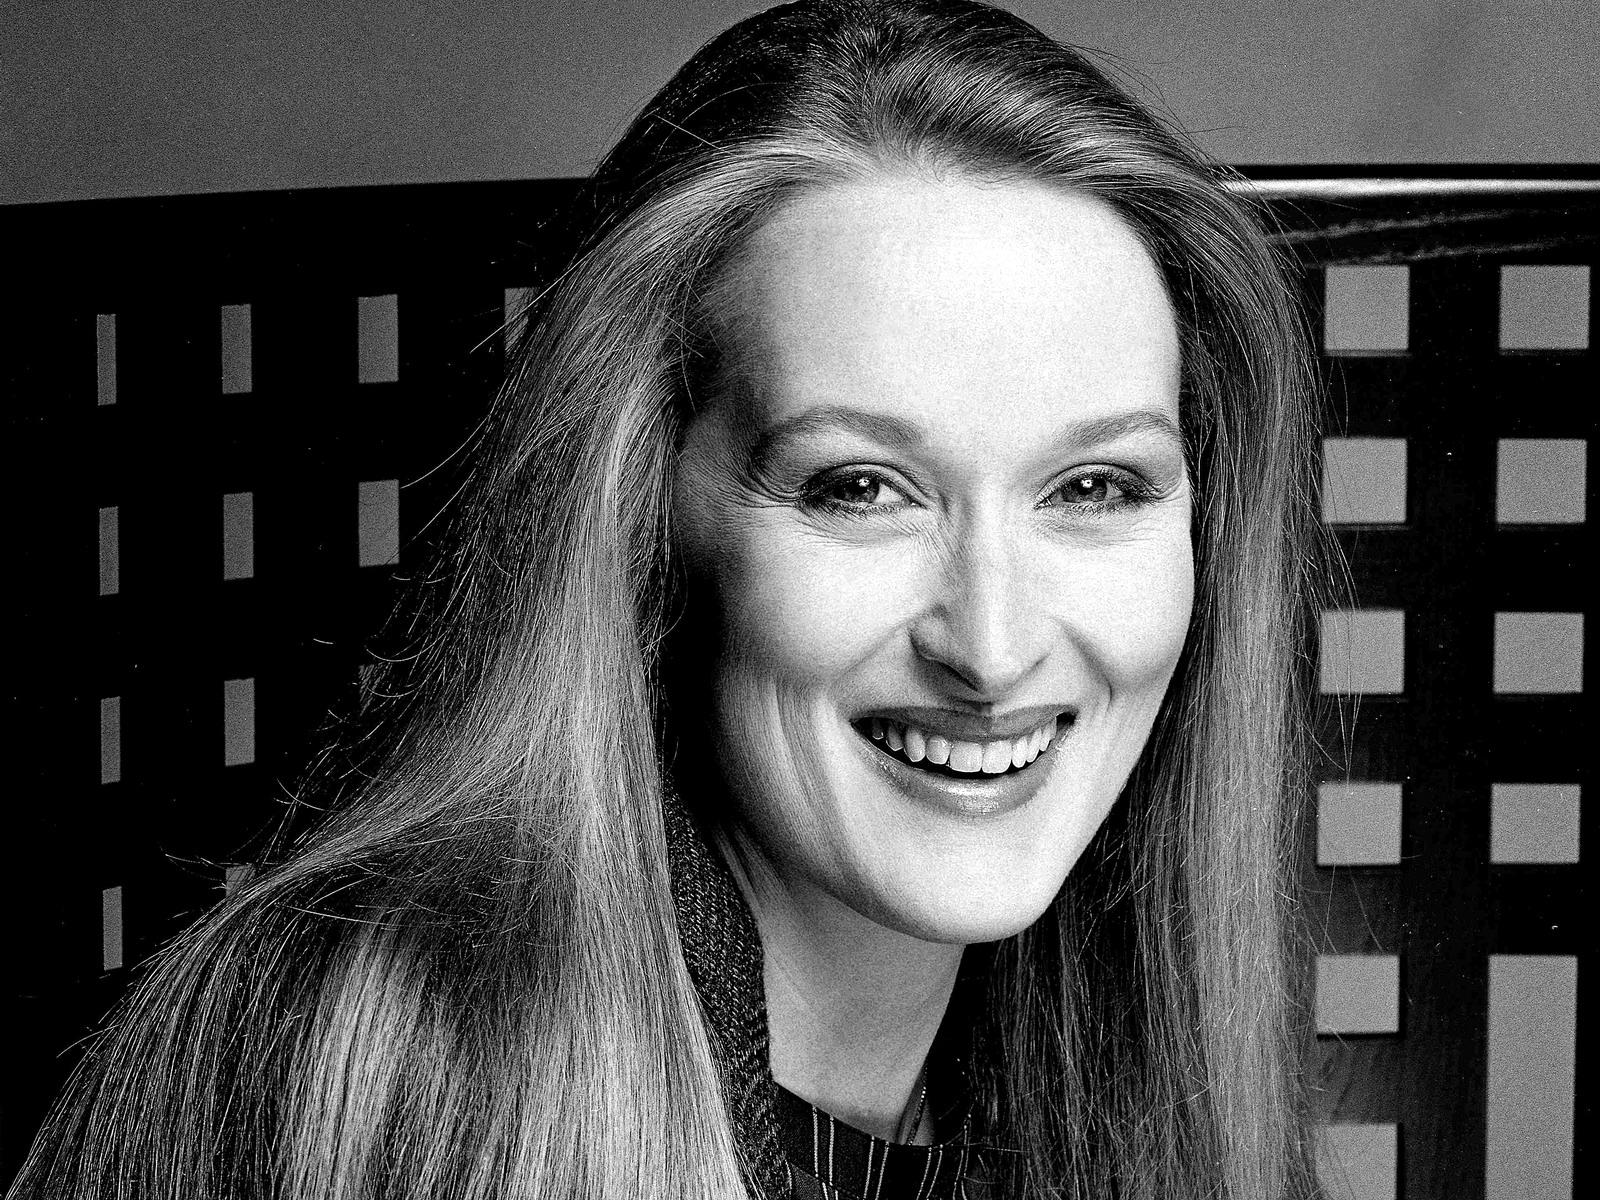 Izjemno karizmatična je tudi igralka Meryl Streep.